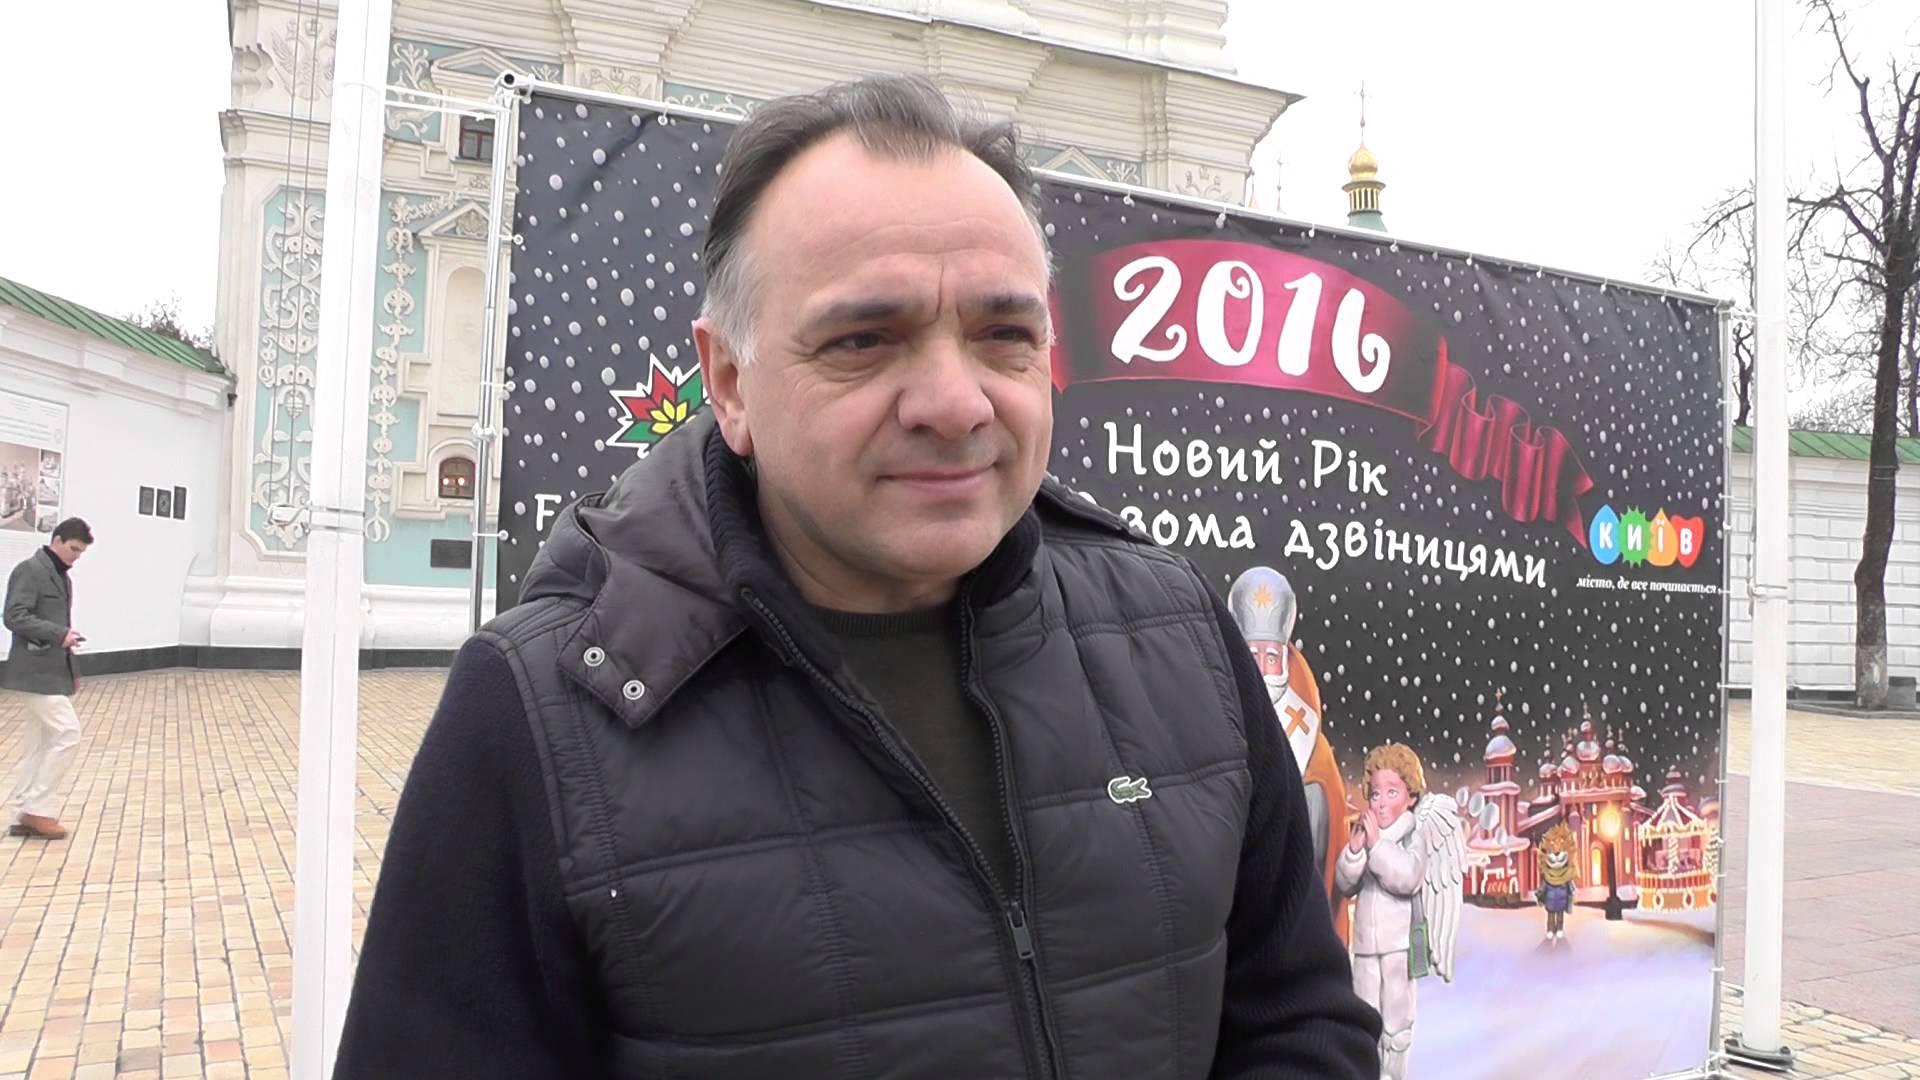 Новогодняя елка в Киеве каждый год будет ставить рекорды в высоту